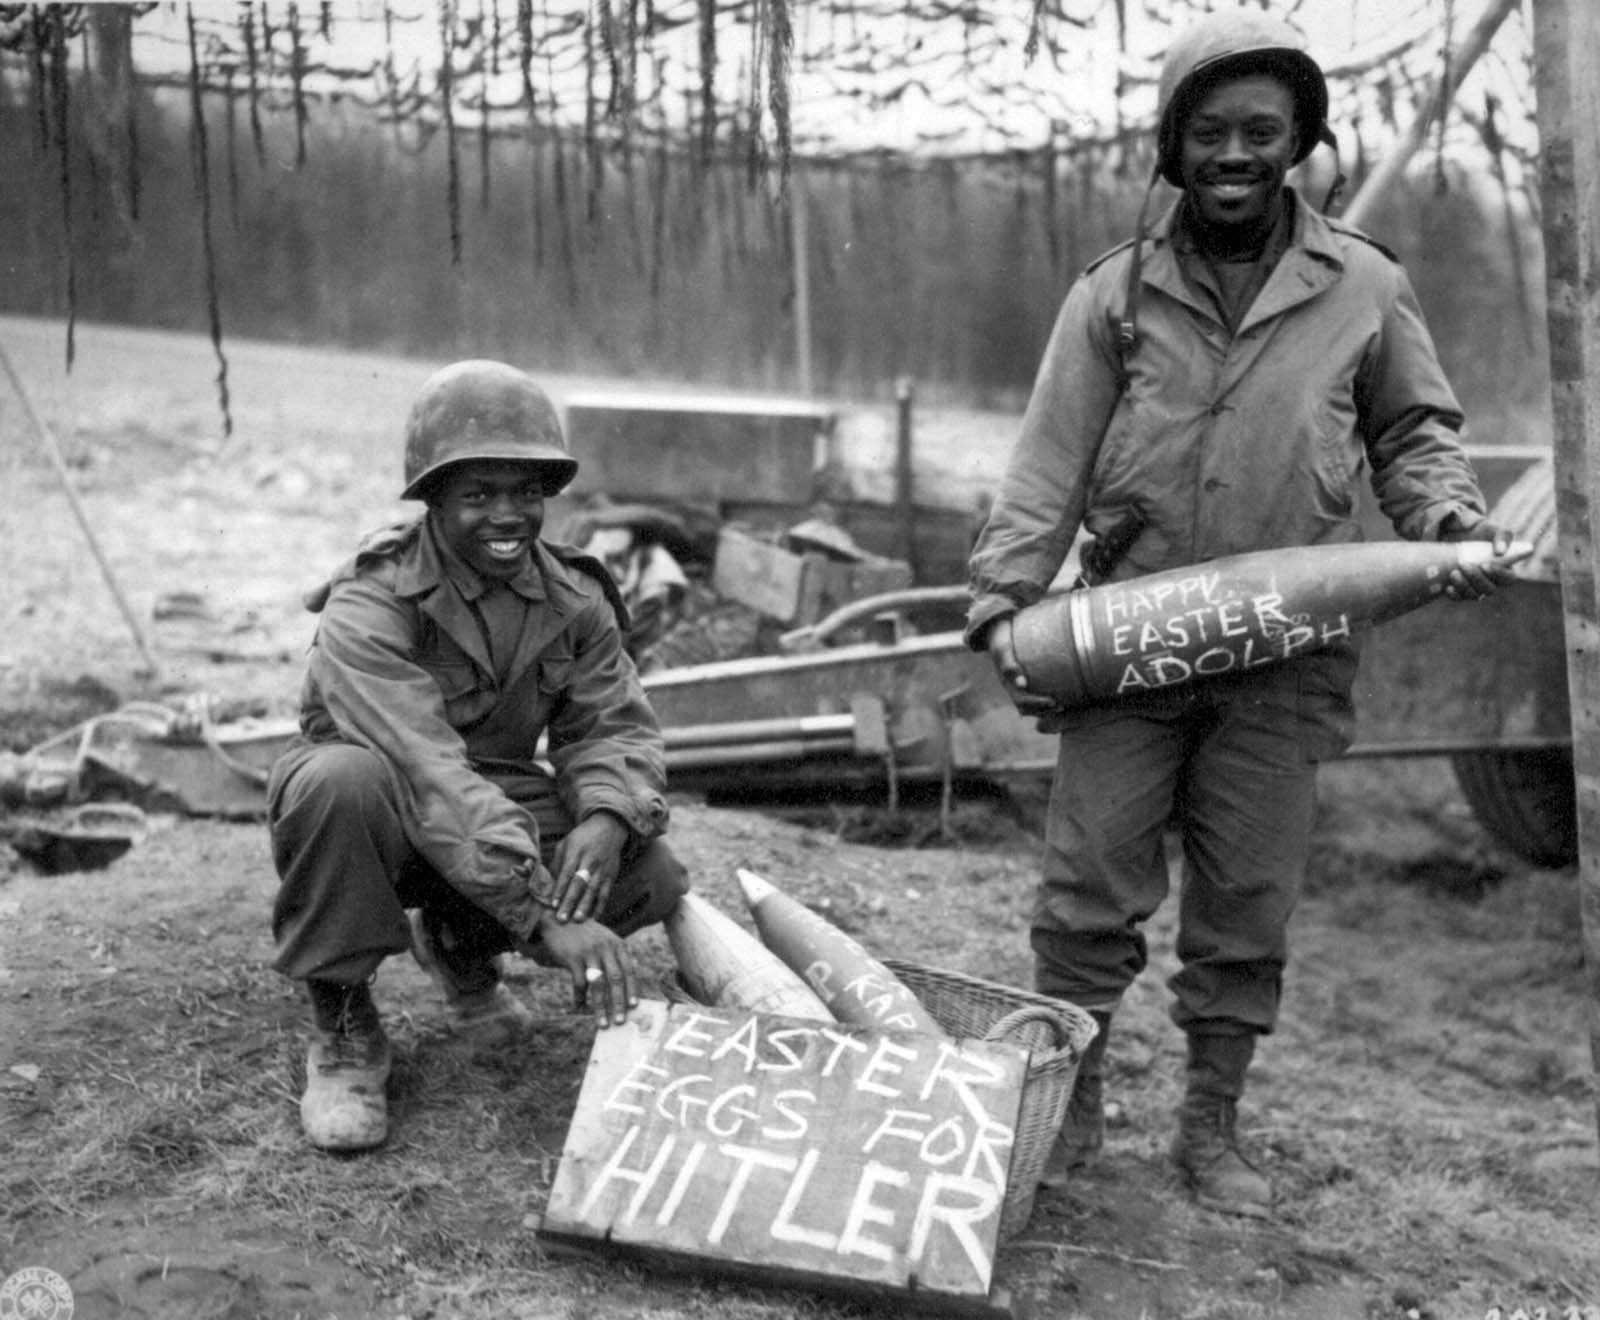 15 ιστορικές φωτογραφίες από το παρελθόν που αξίζει να δείτε!